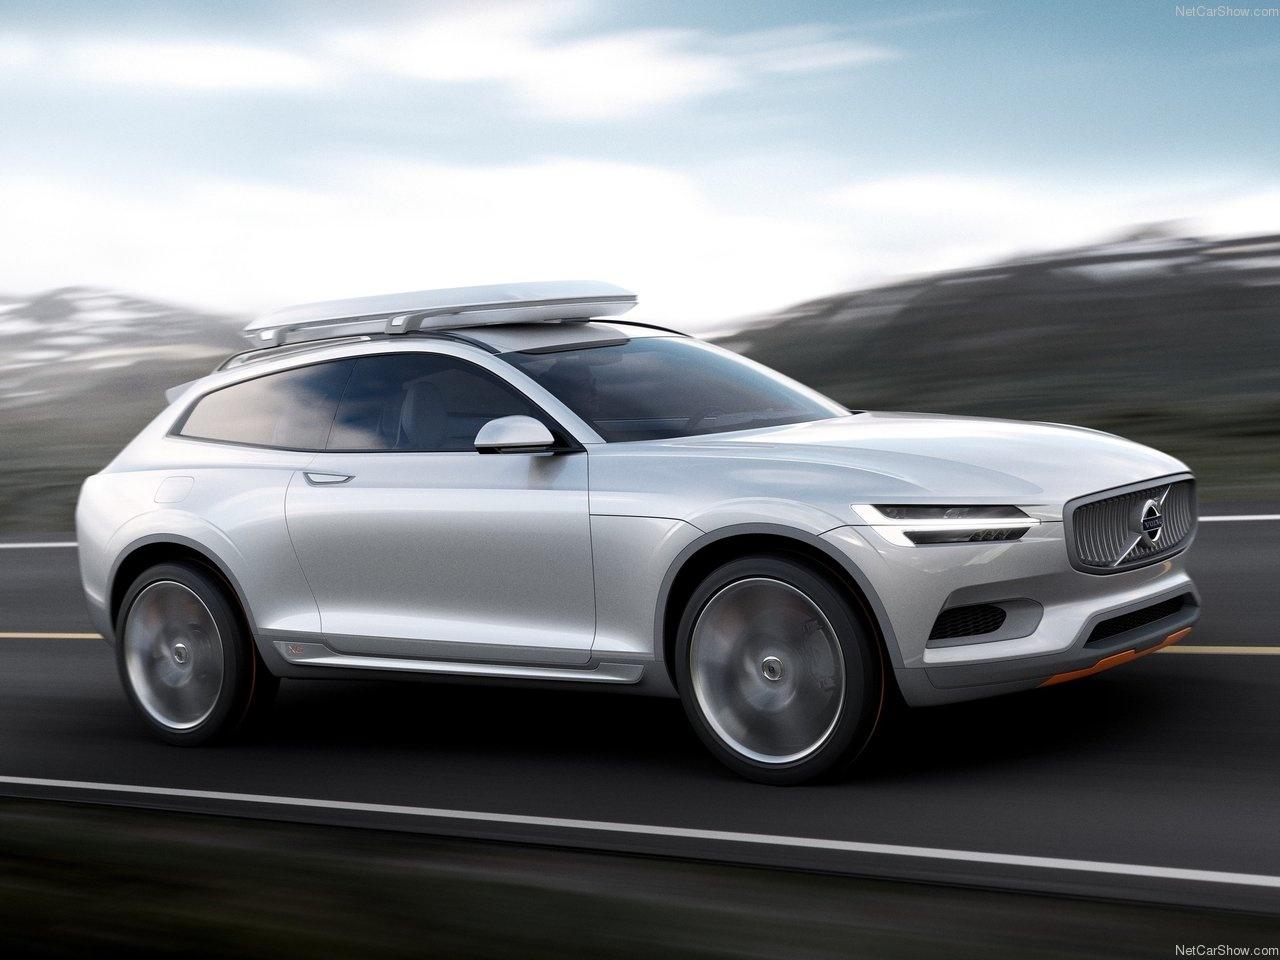 کوپه XC ولوو، بهترین طراحی خودروی سال